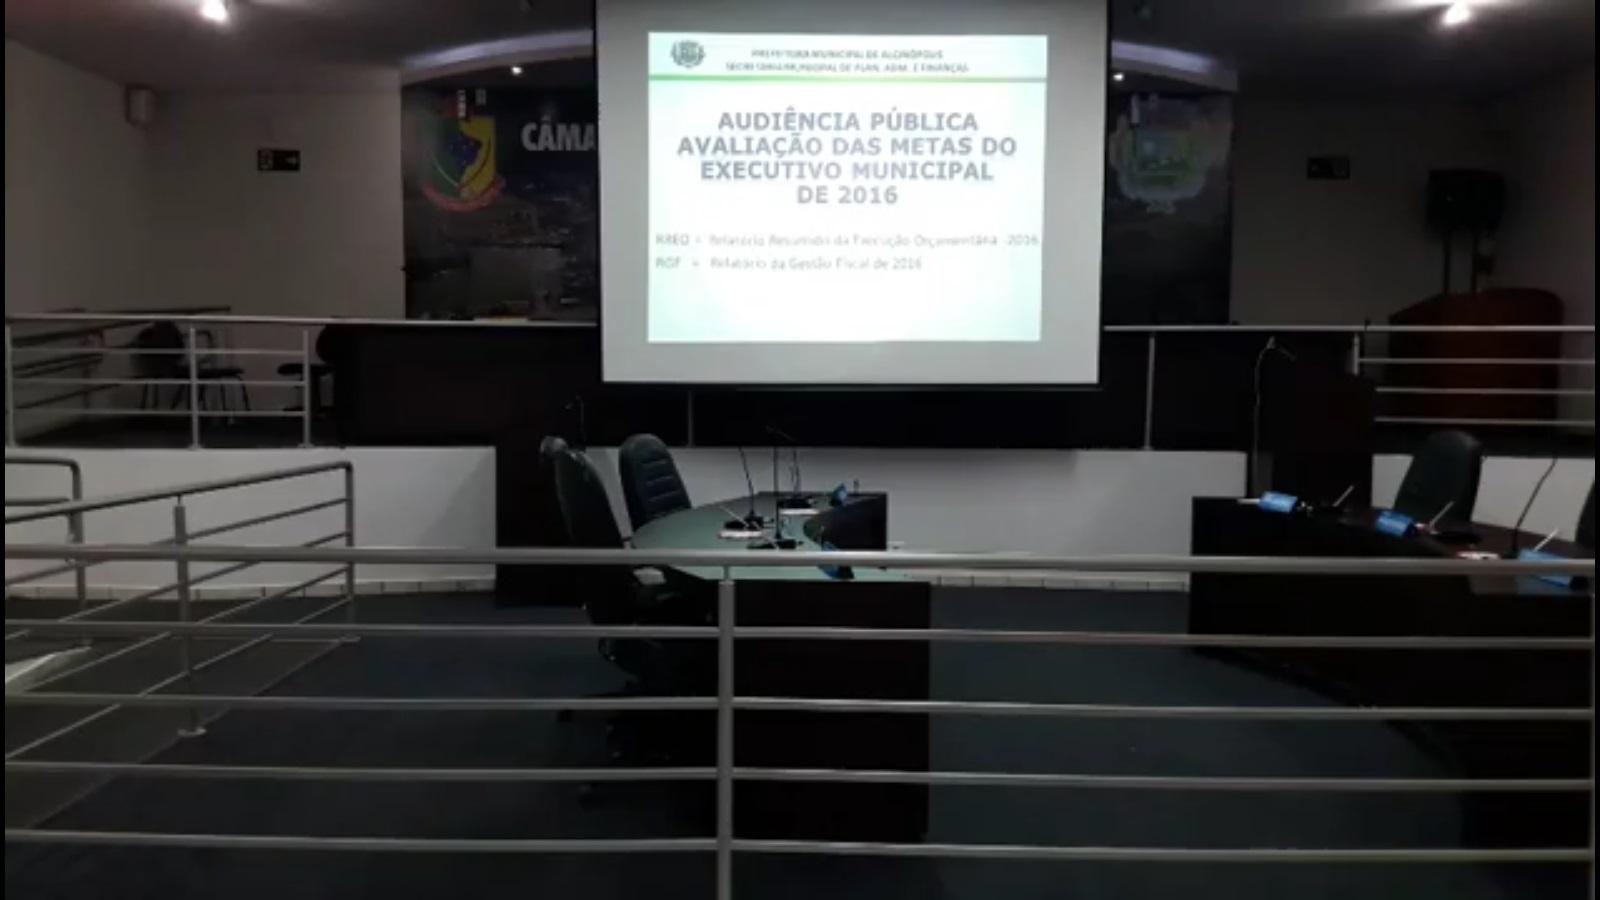 Relatório de gestão fiscal 2 semestre 2016 (Prefeitura de Alcinópolis MS)